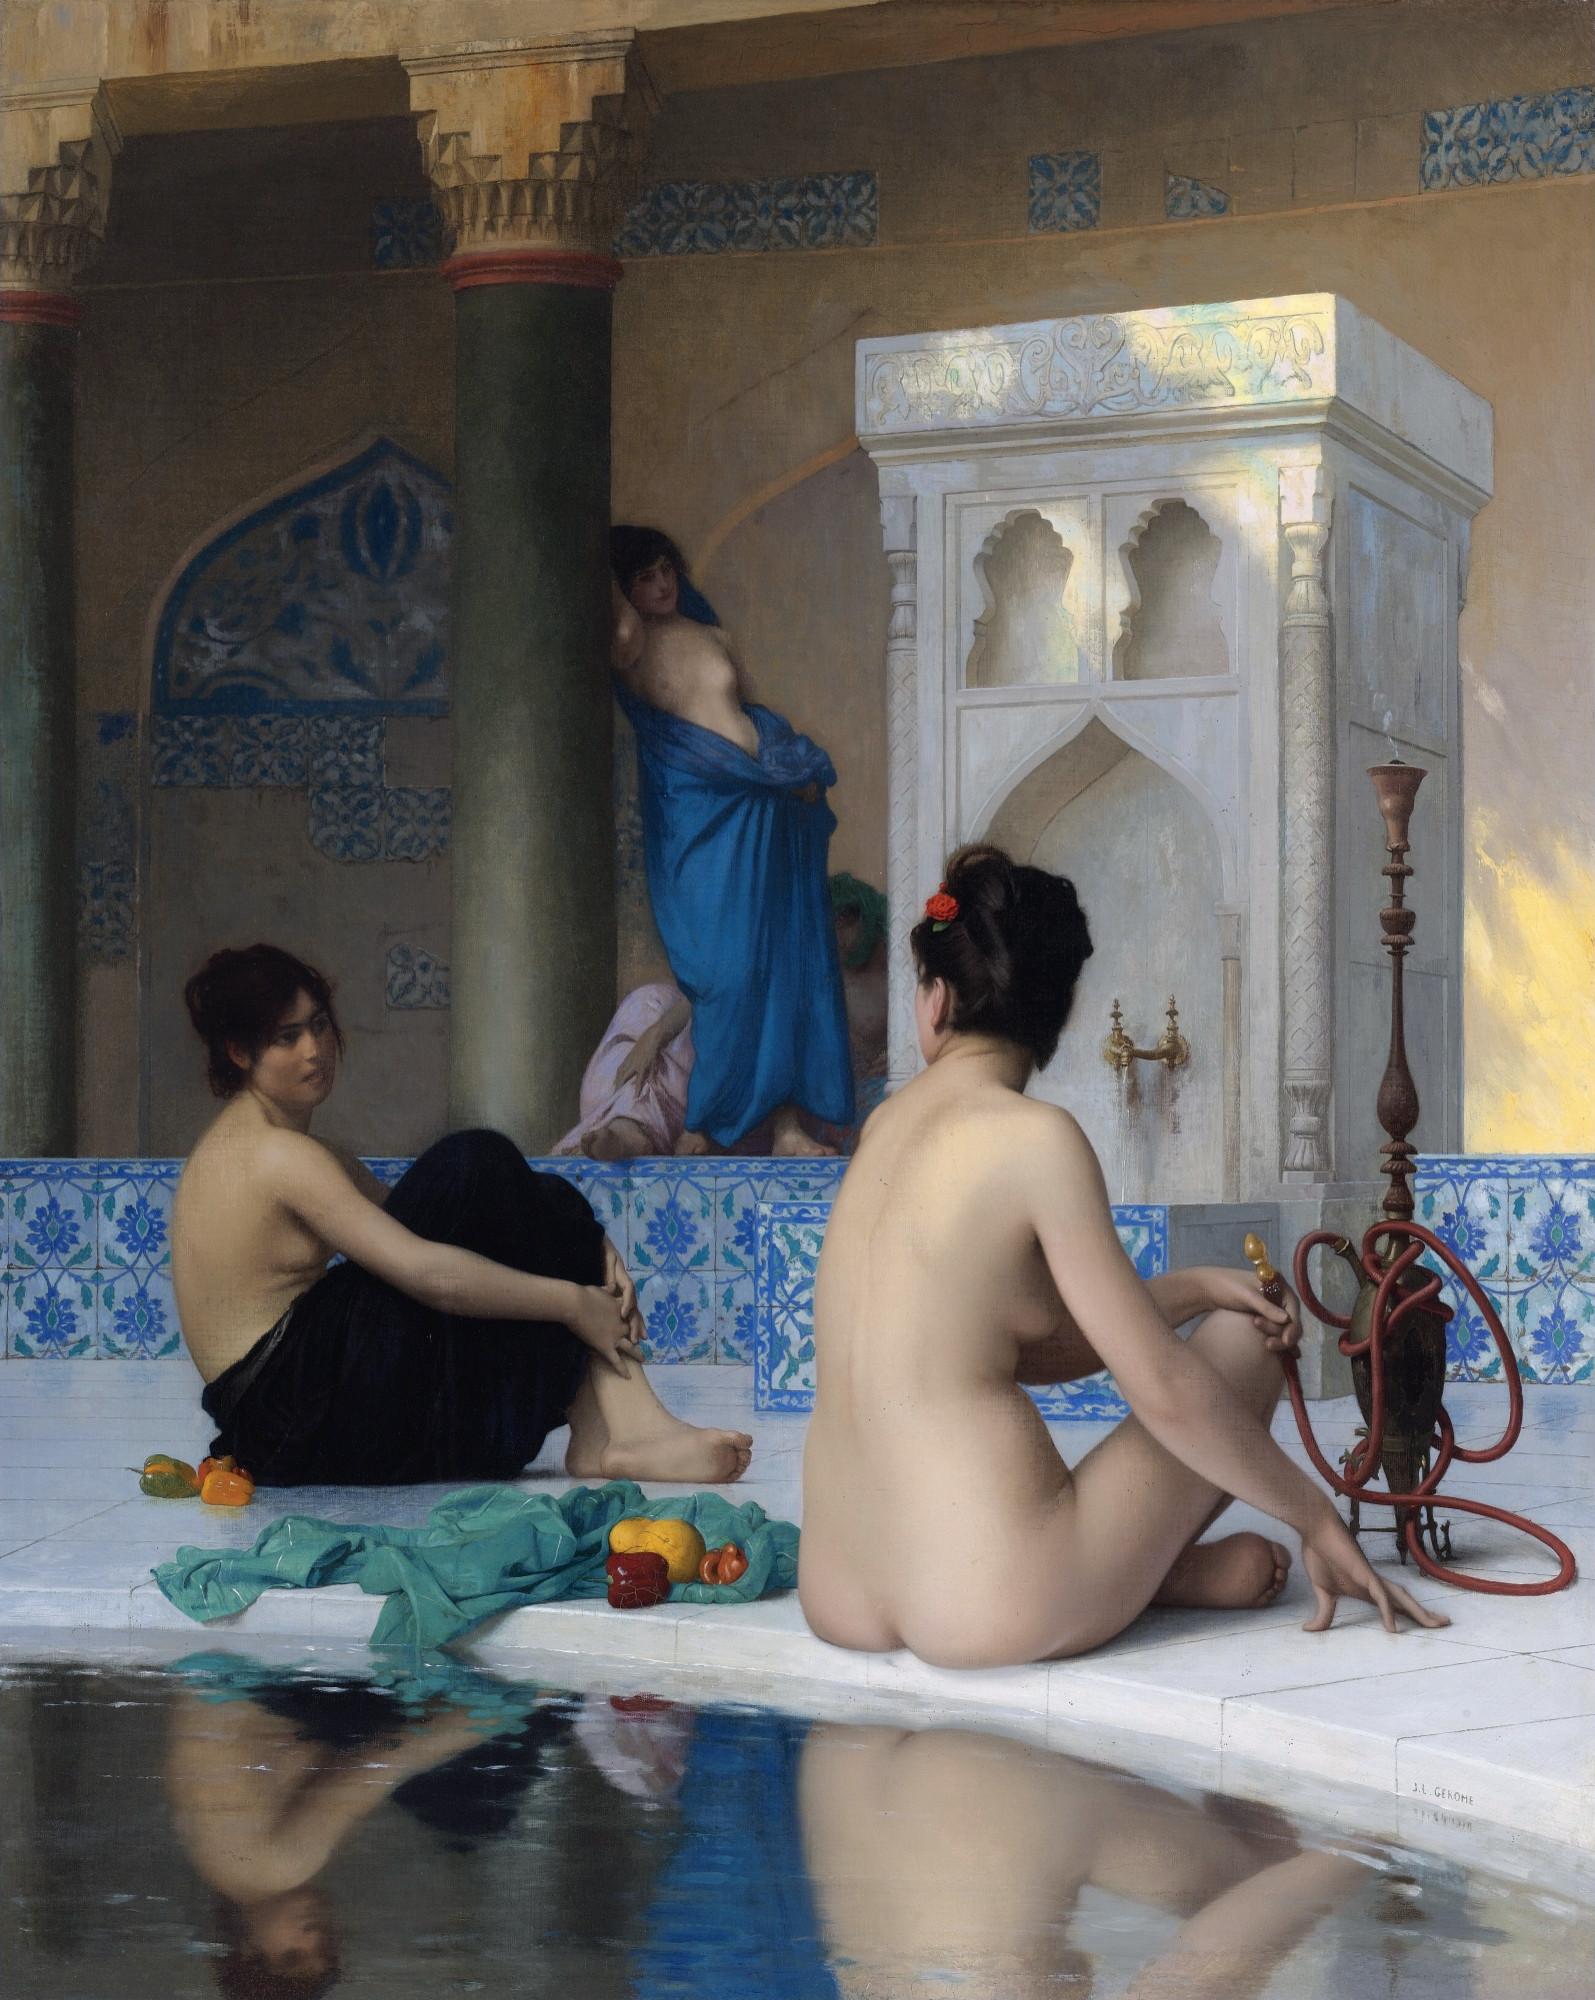 Секс фото в турецский бане 14 фотография